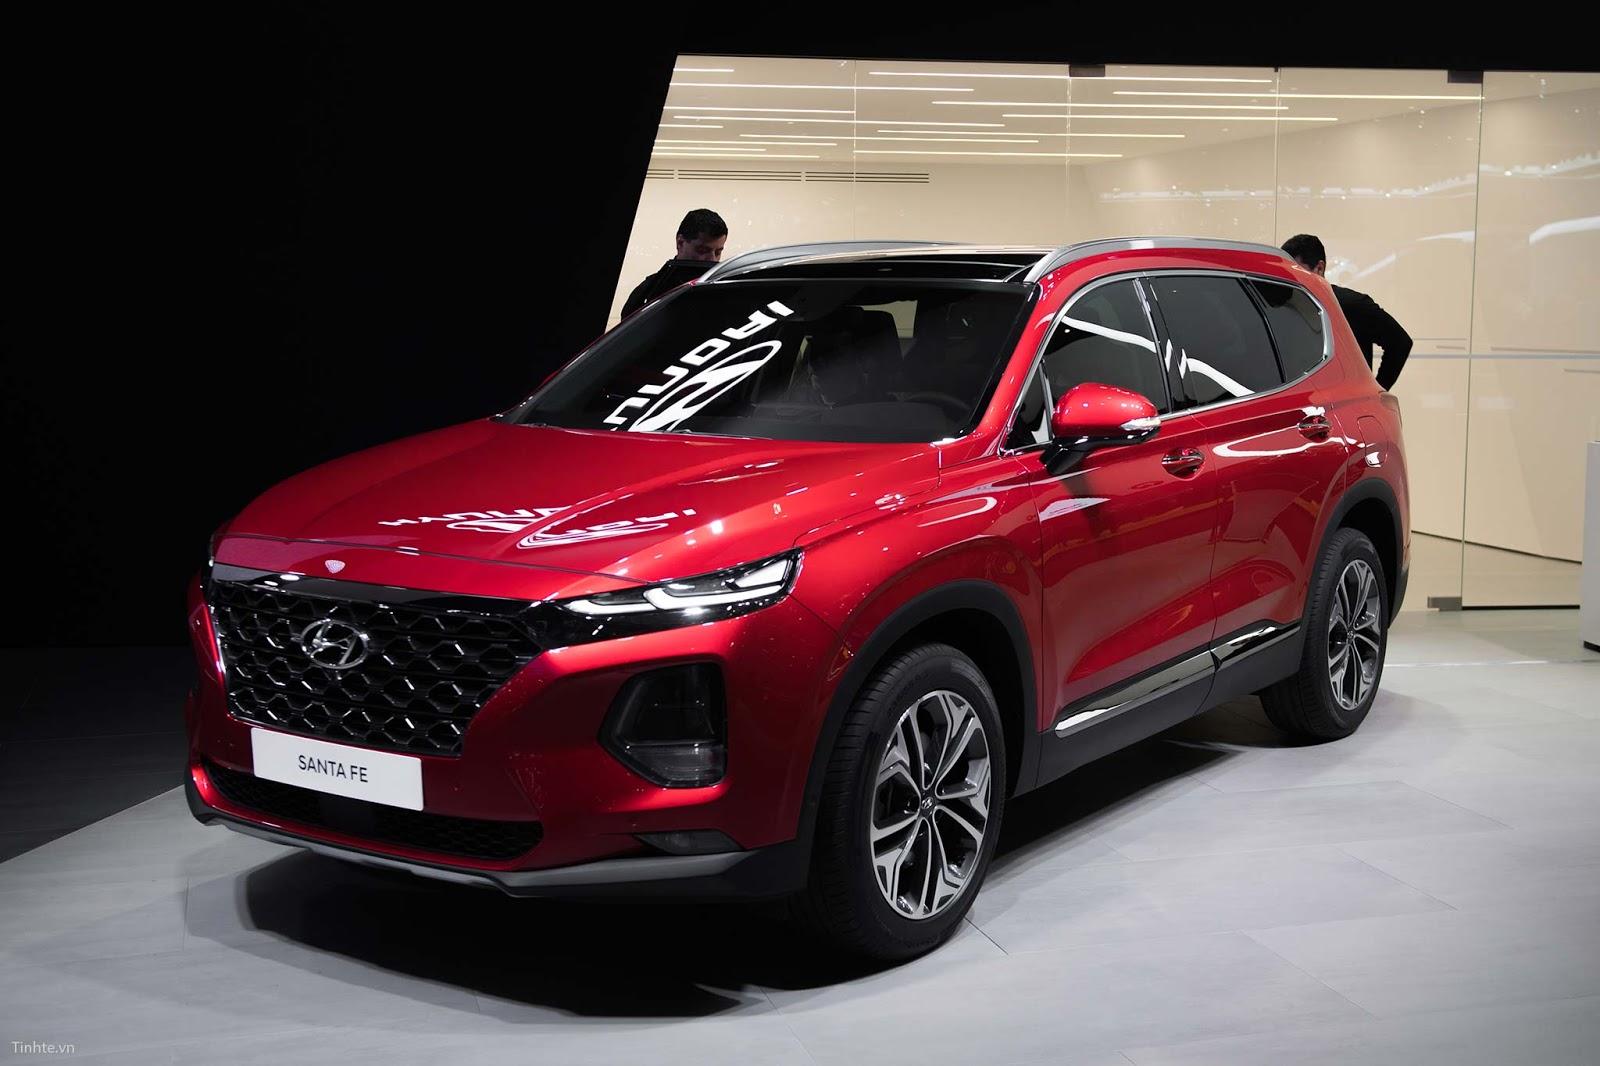 Santa Fe 2019 chính thức được phân phối tại Hyundai Thành Công